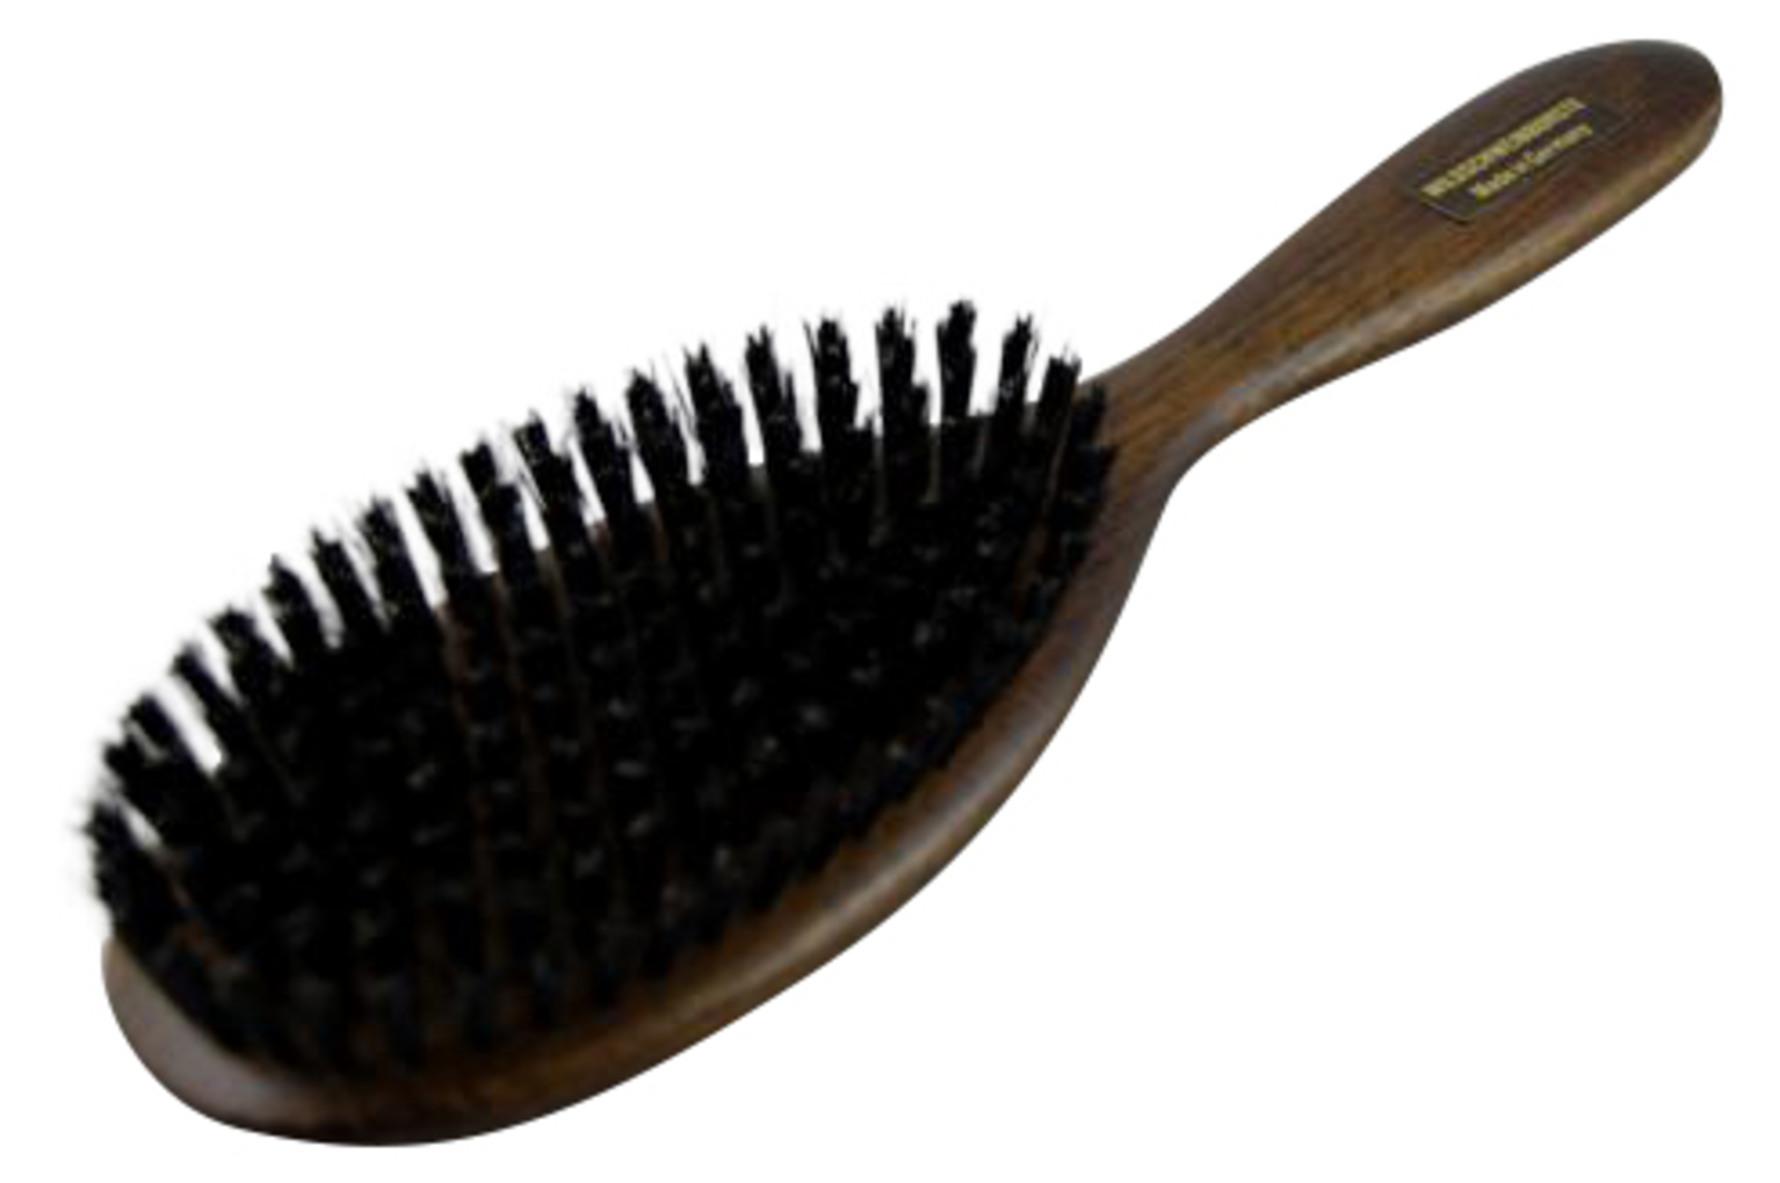 svinehårsbørste til hår